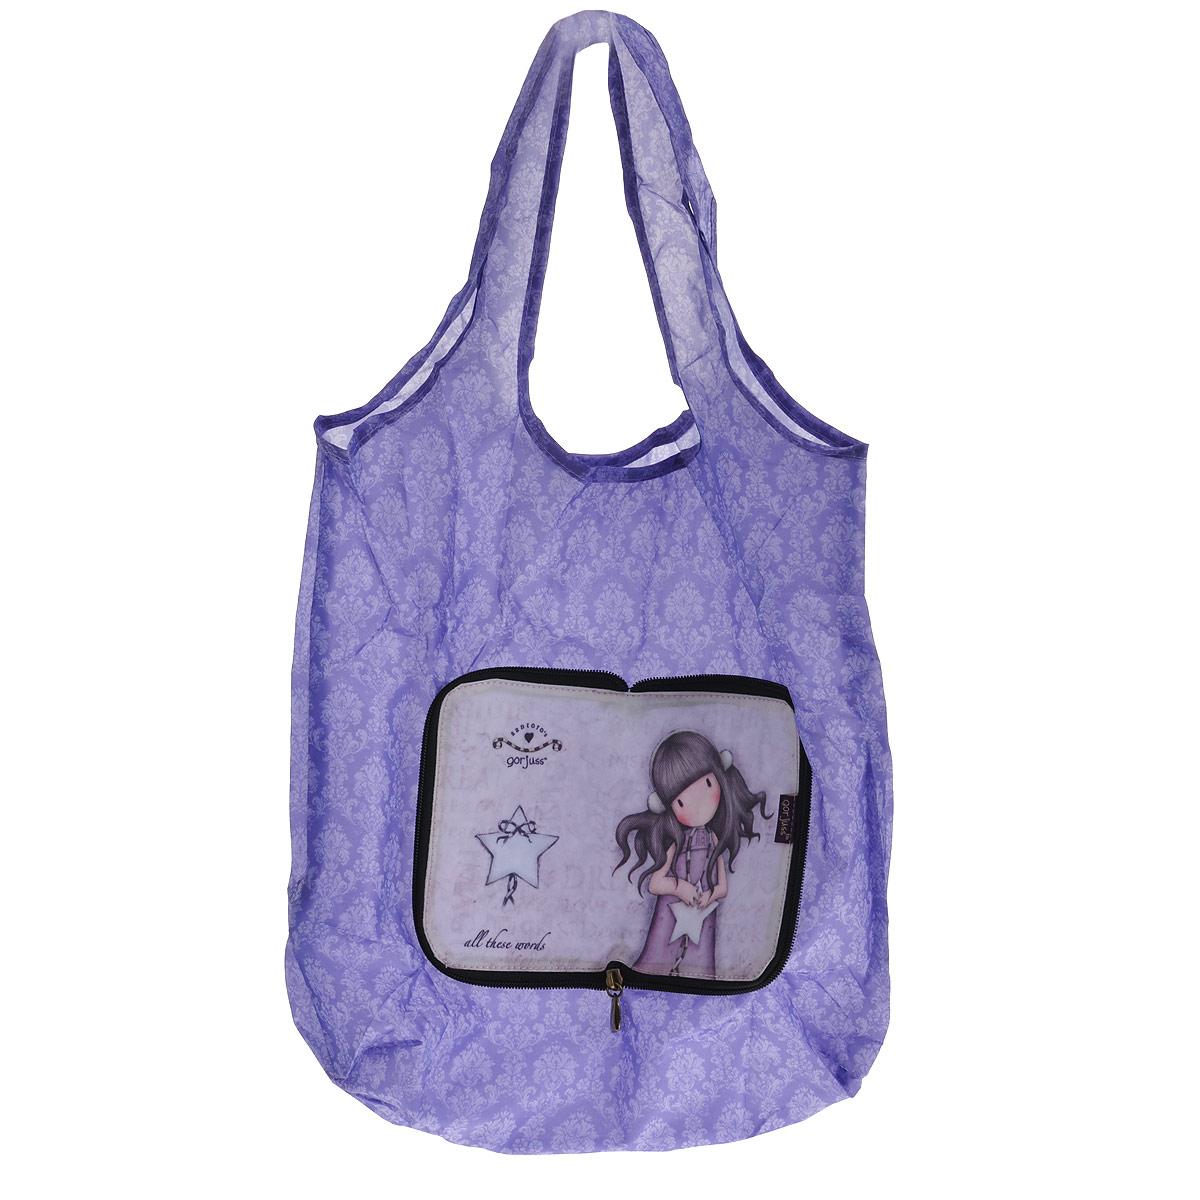 """Складывающаяся сумка для покупок """"All These Words"""", цвет: сиреневый. 0012211 ( 0012211 )"""